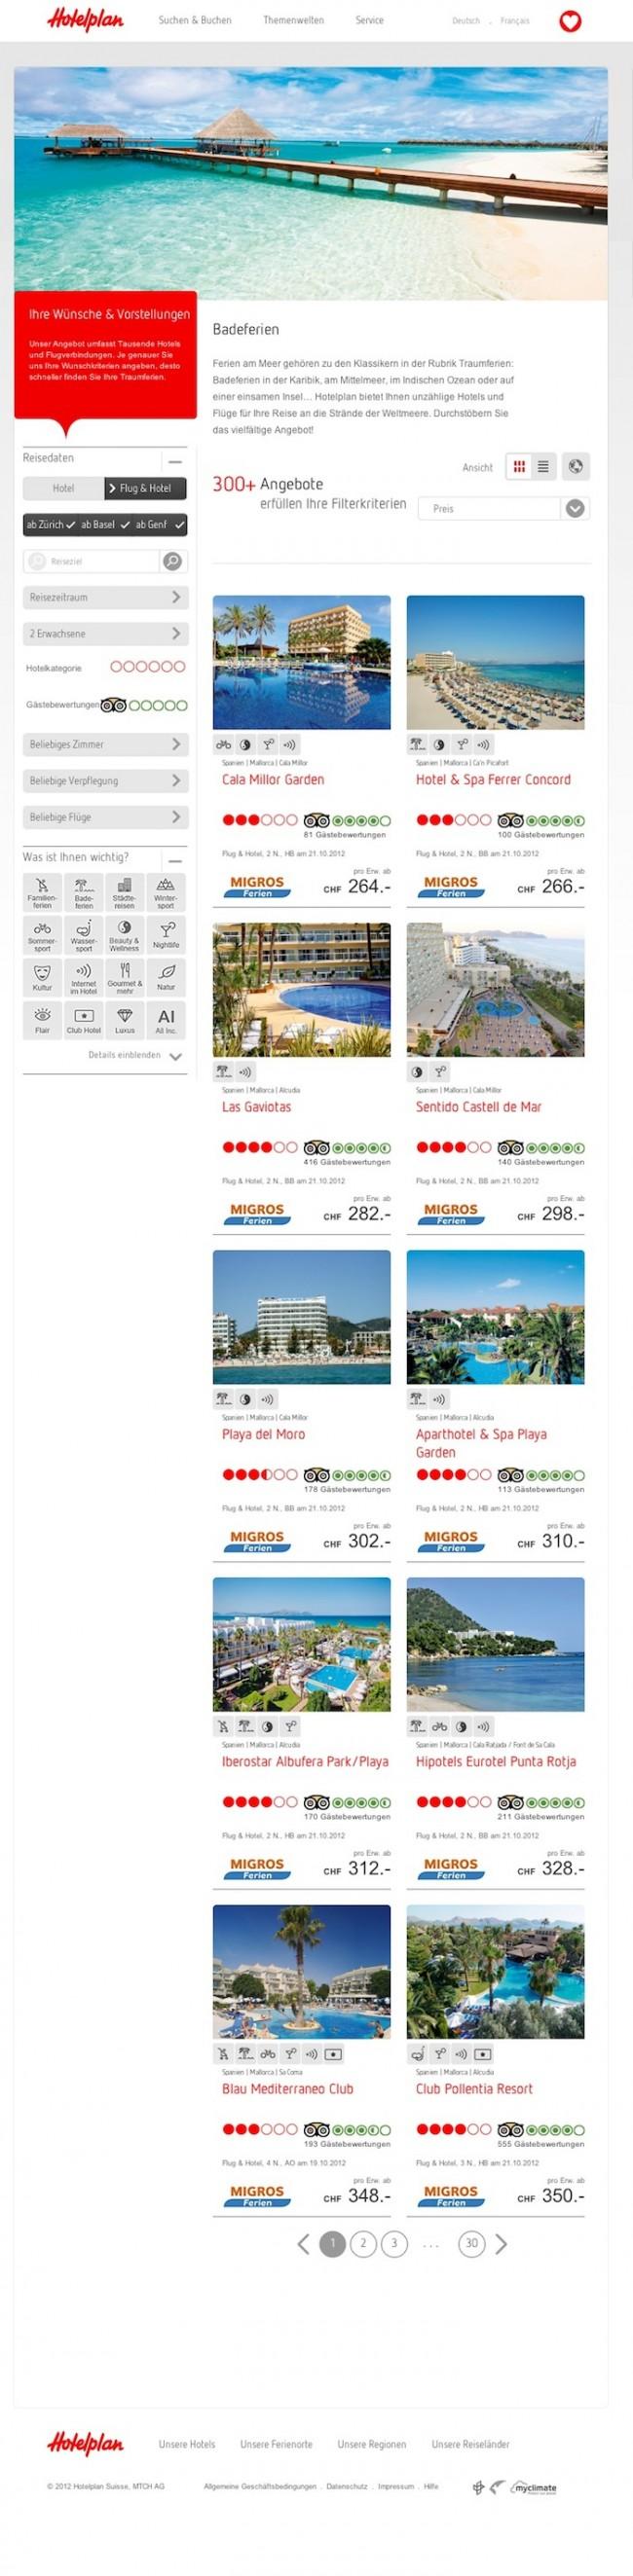 Hotelplan: Themenwelt Badeferien